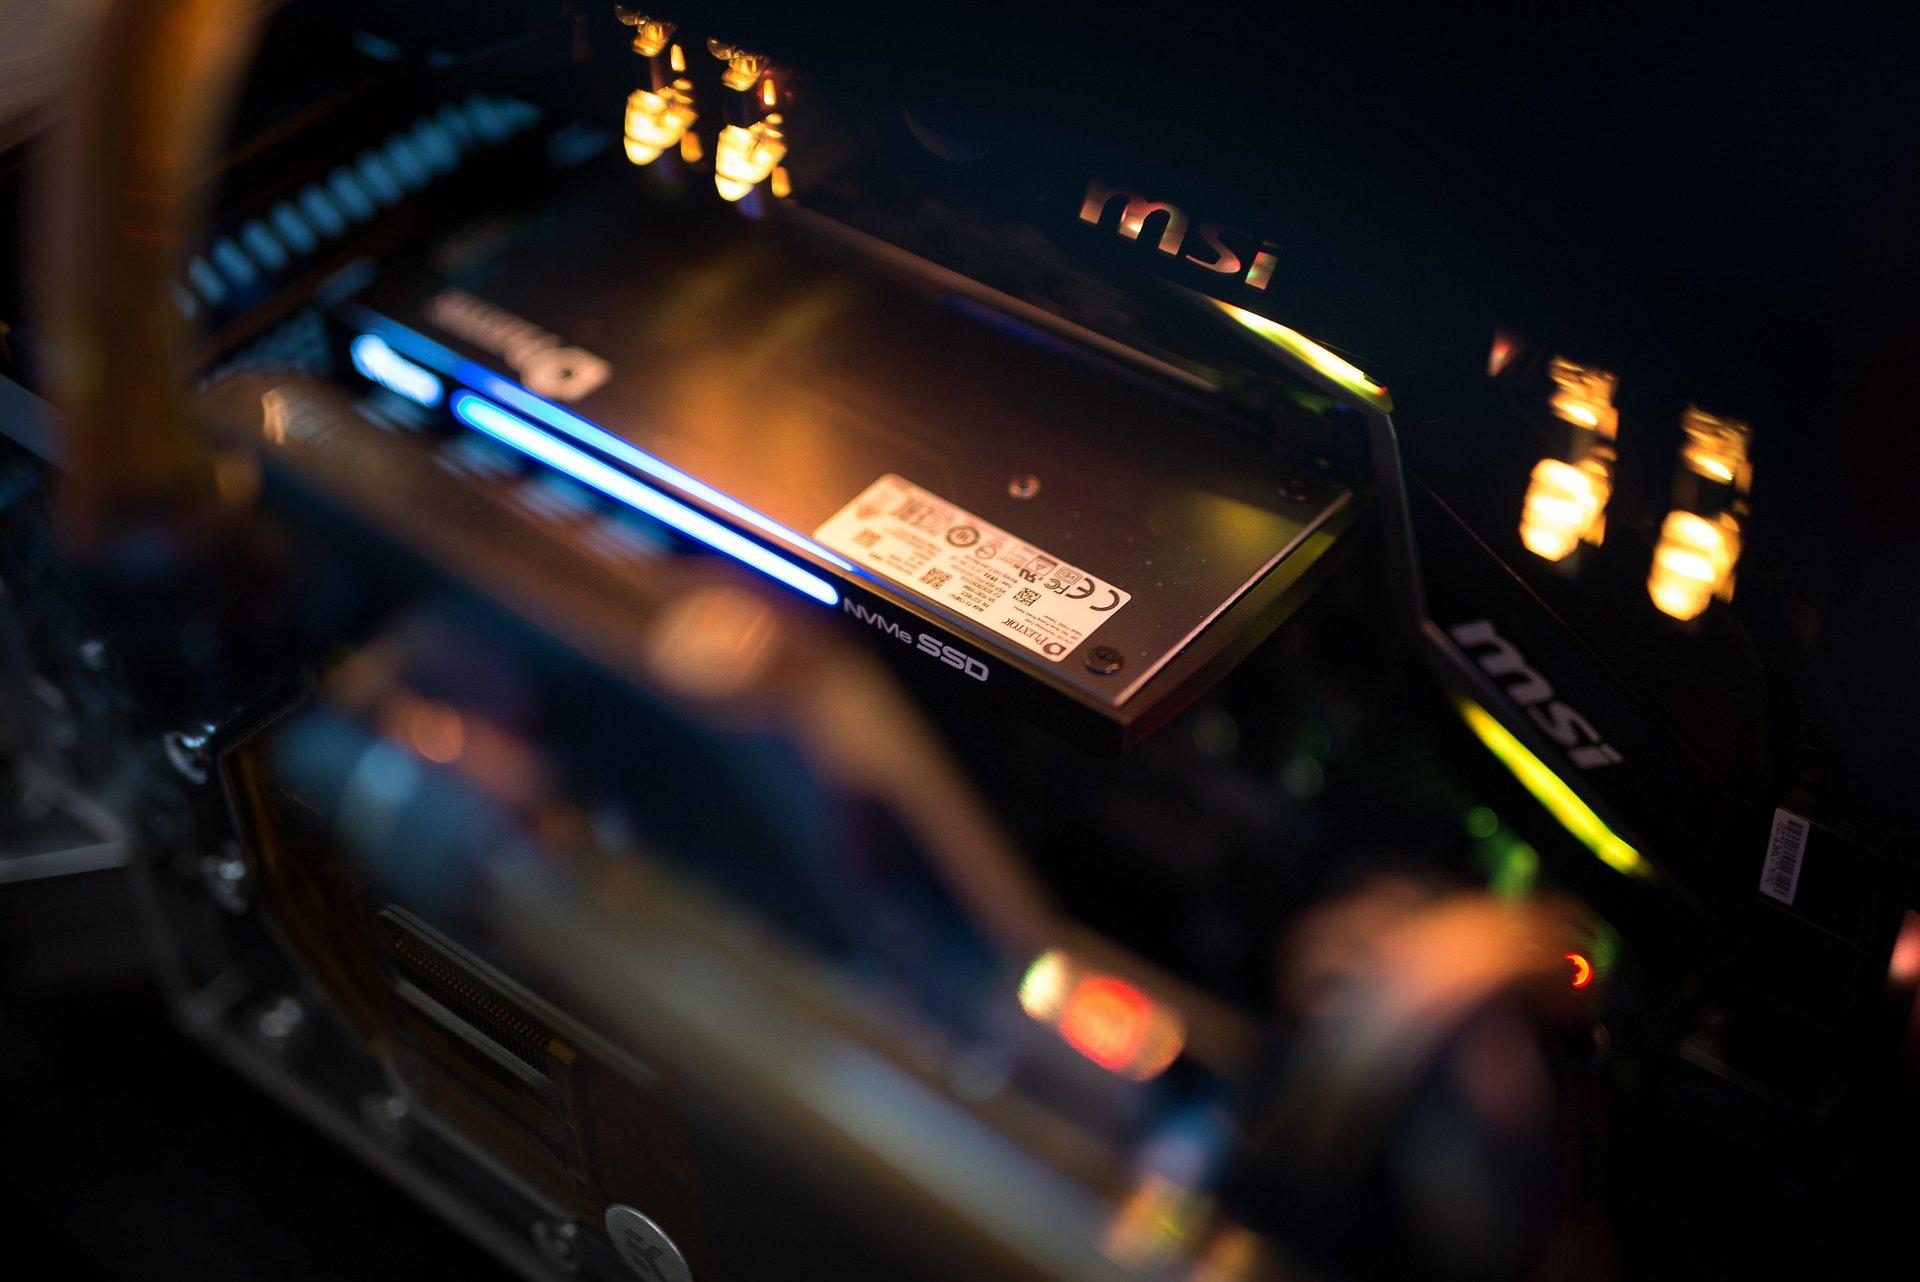 Ceny dysków SSD rekordowo niskie. Zbliżają się do kolejnej bariery